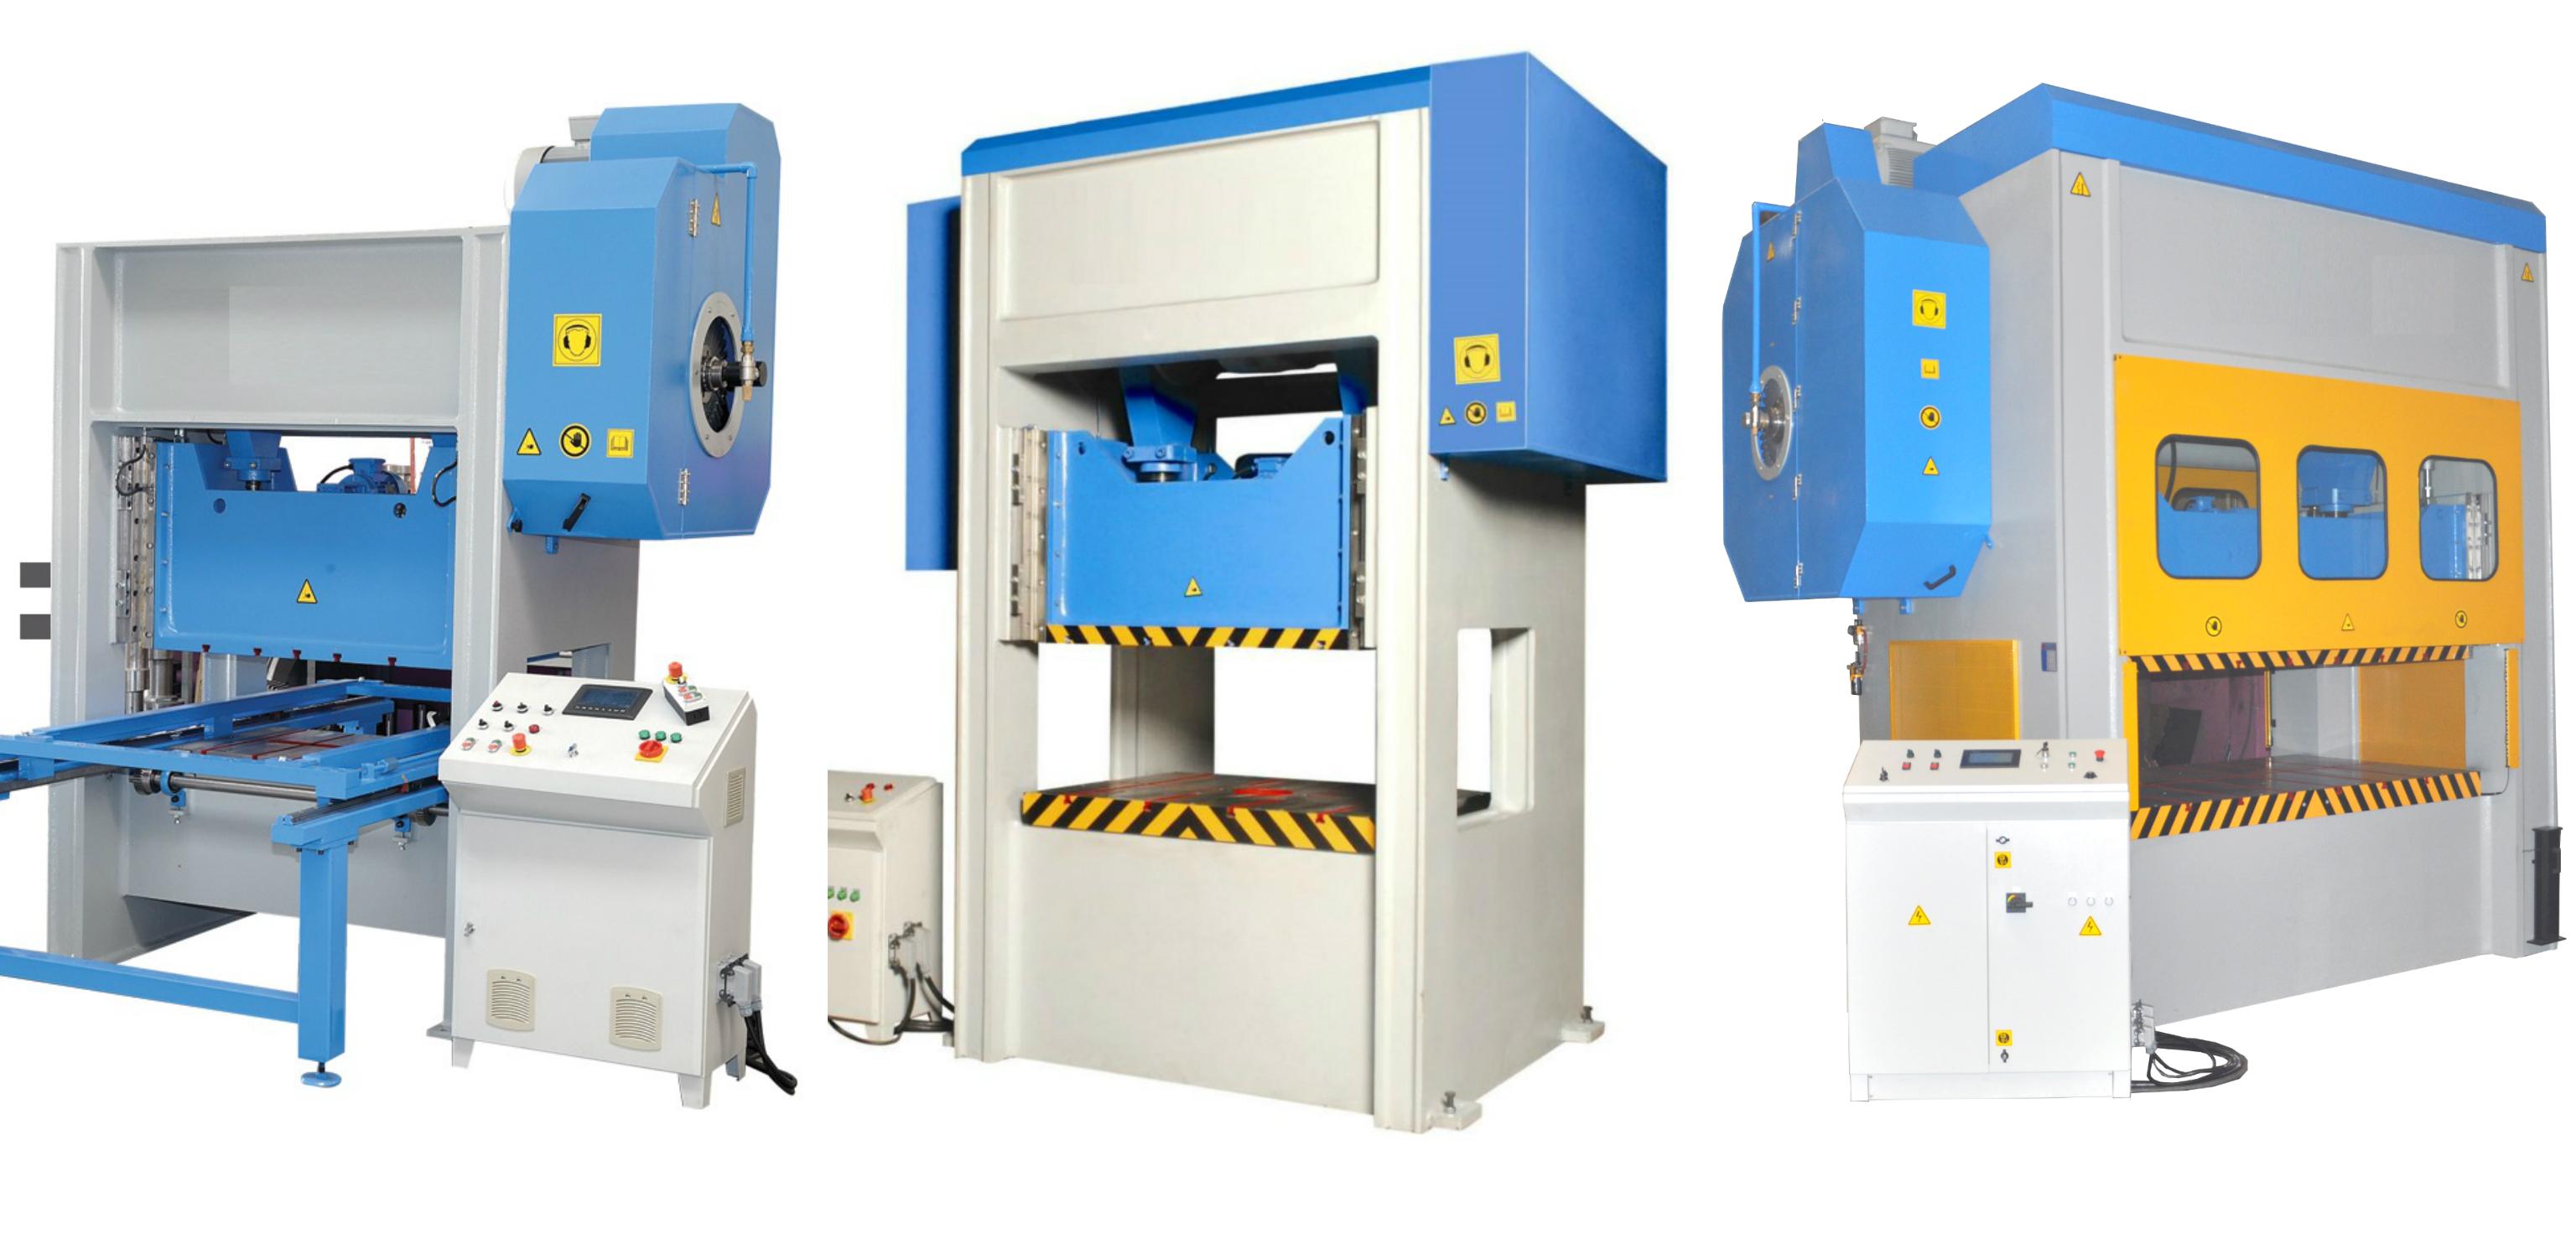 H Type Mechanical Press Eccentric Press machine supplier from Turkey turkish equipment